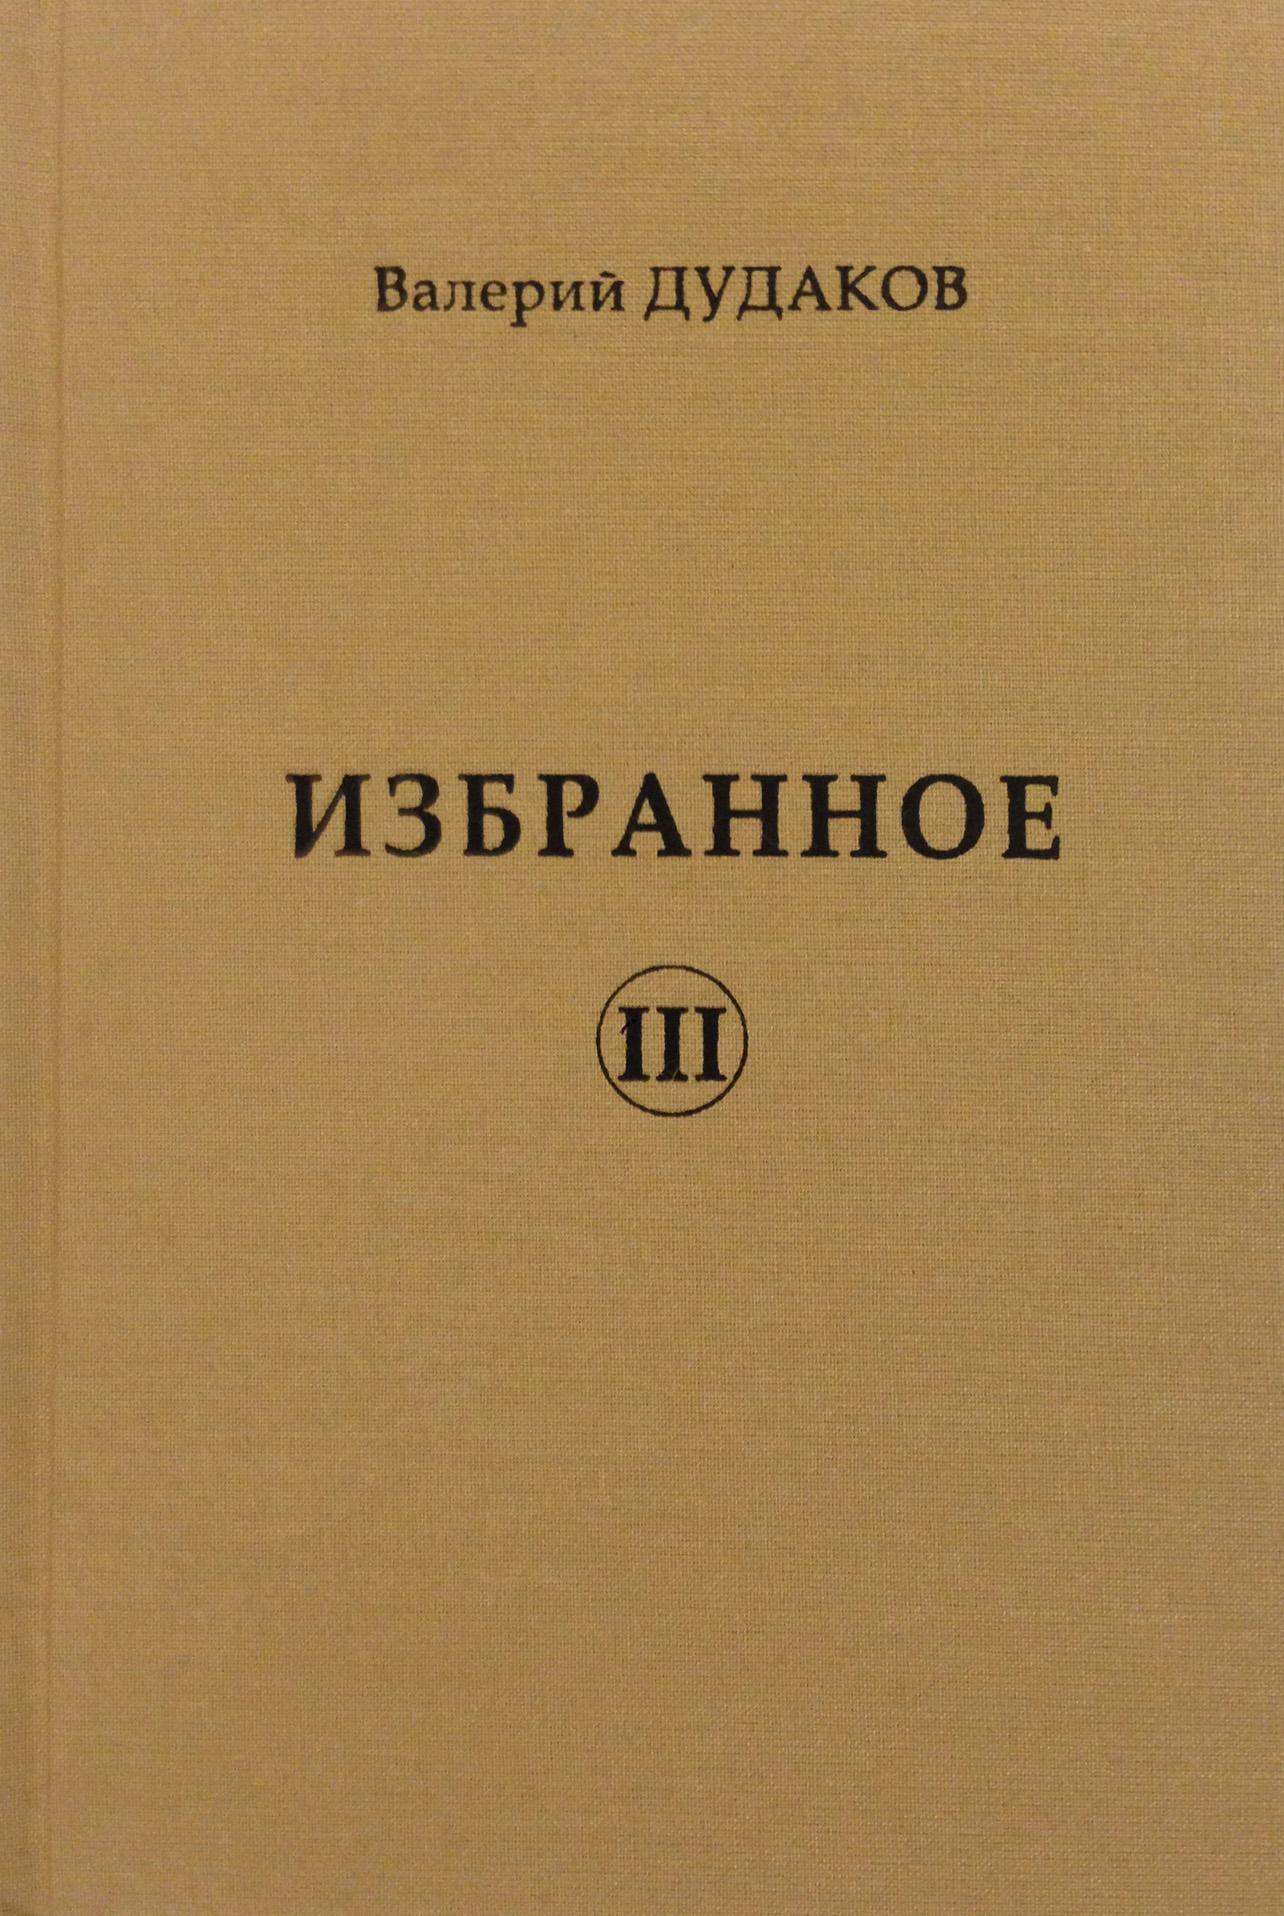 Валерий Дудаков Избранное III валерий дудаков мои 66